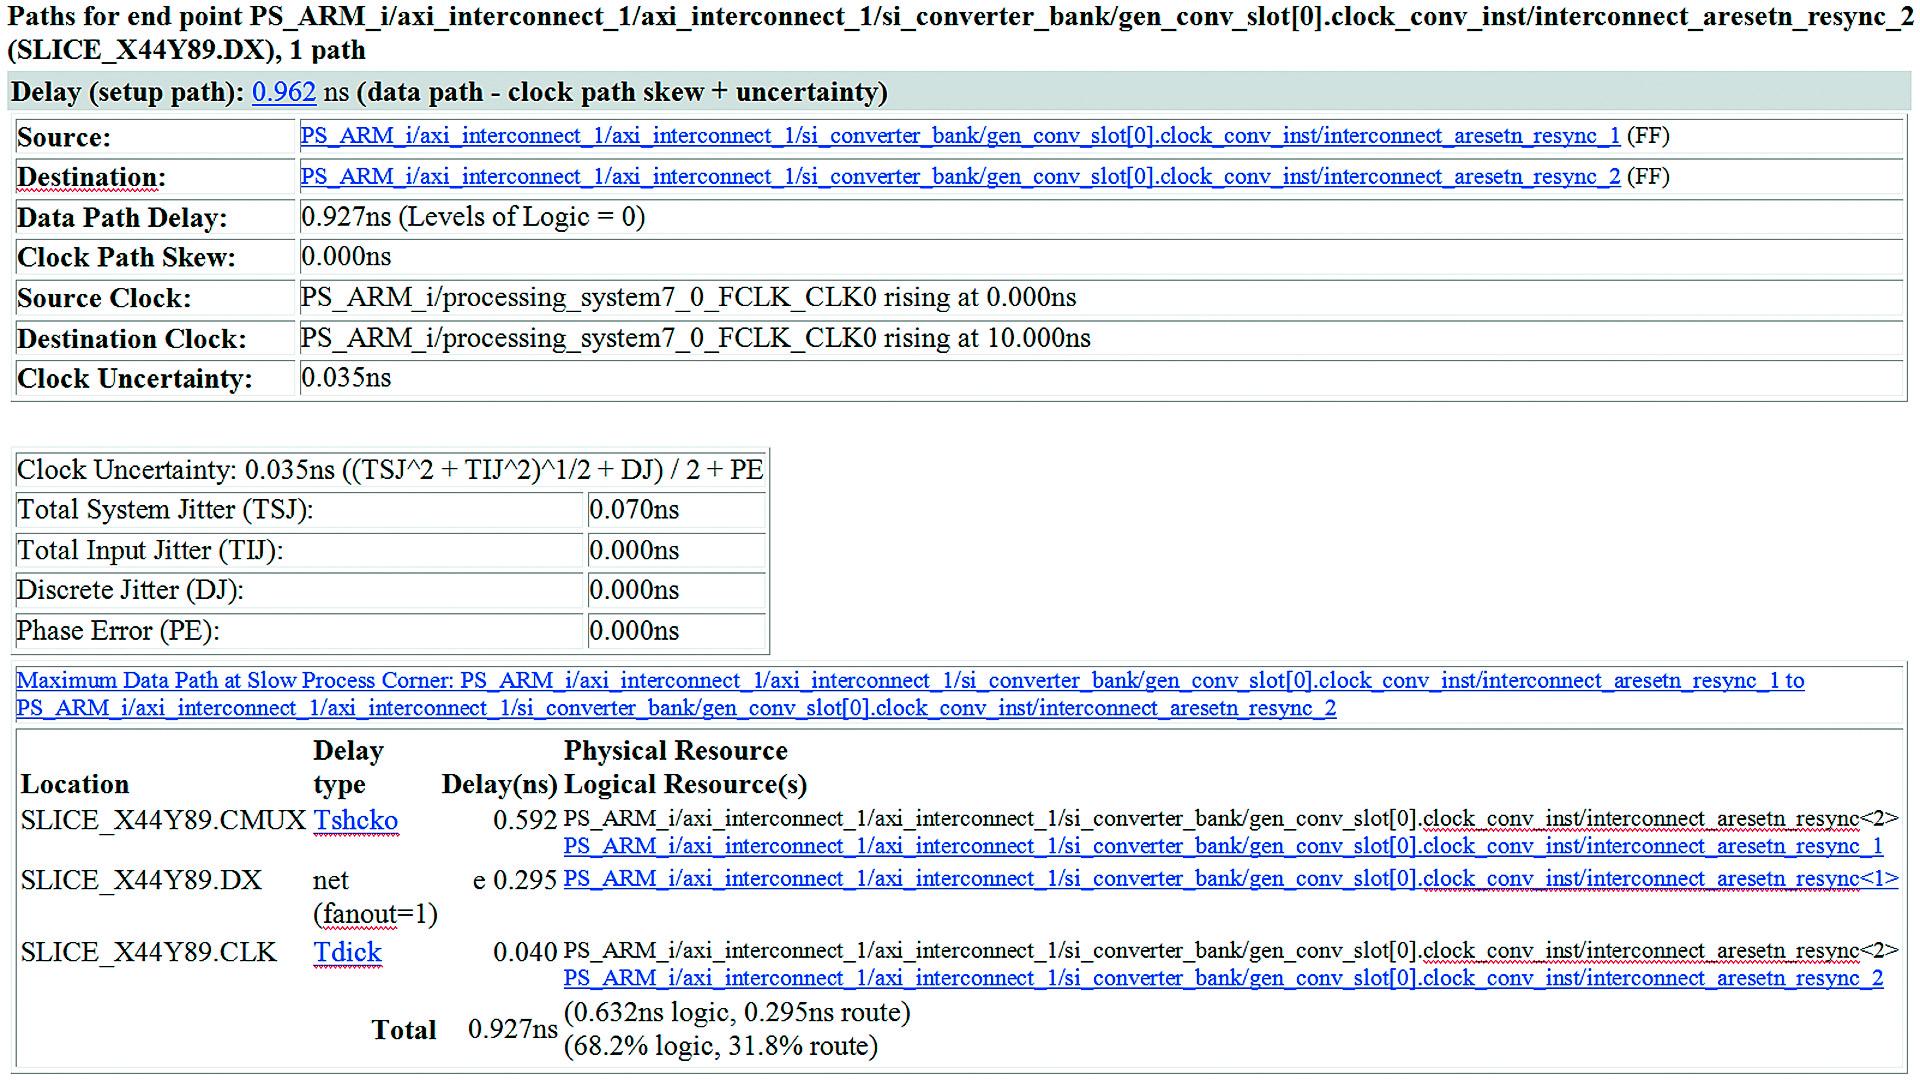 Отображение временных параметров маршрутов Setup paths для первого ограничения